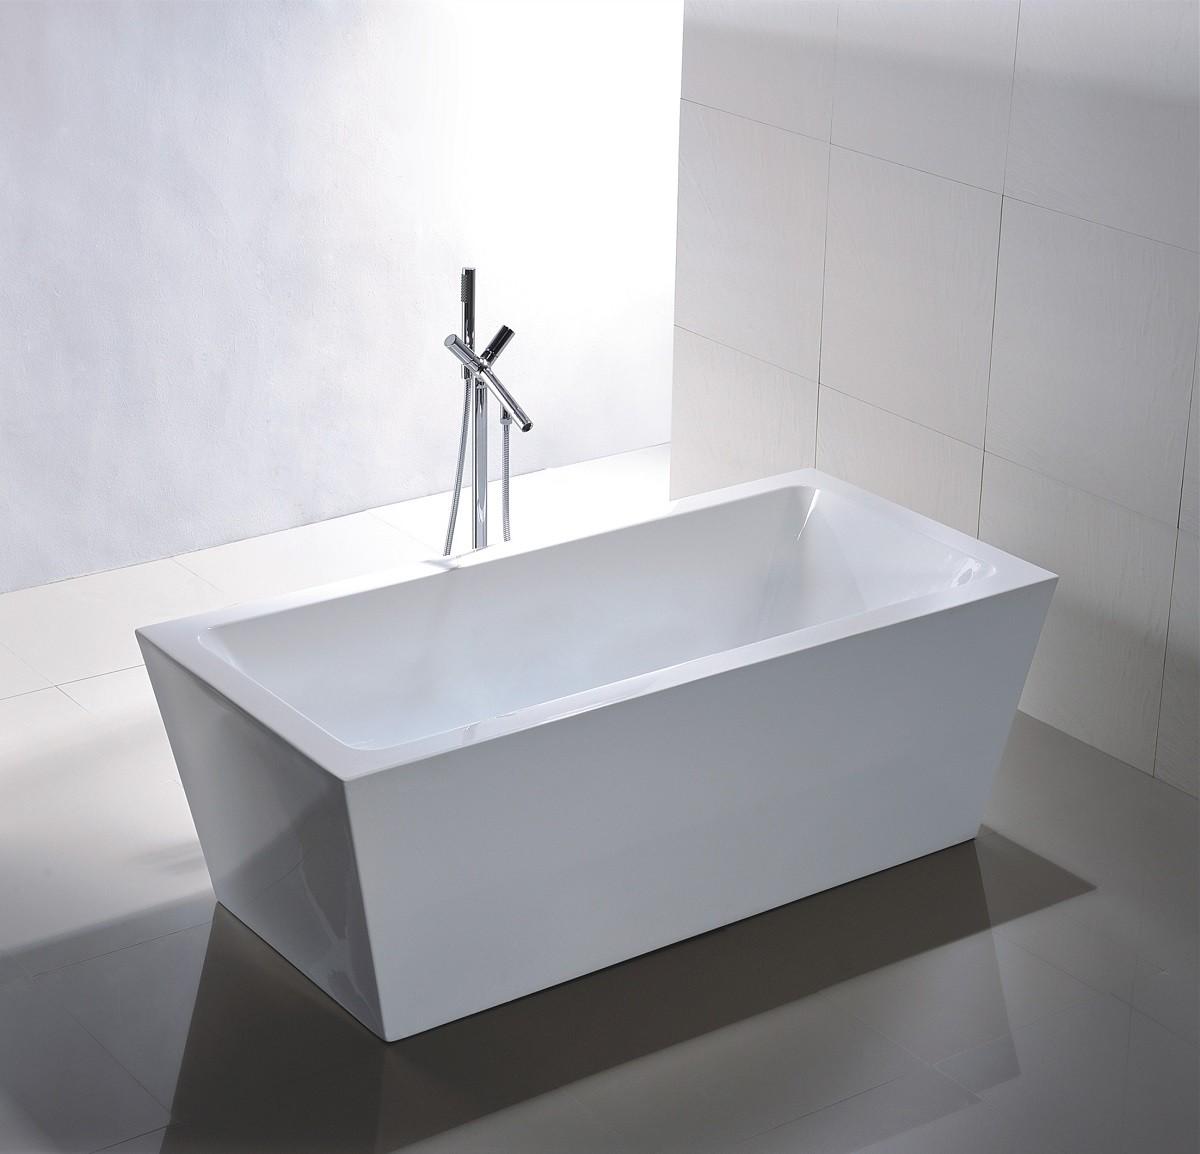 Vrijstaand Bad In De Badkamer Blog Online Sanitairkopen Nl